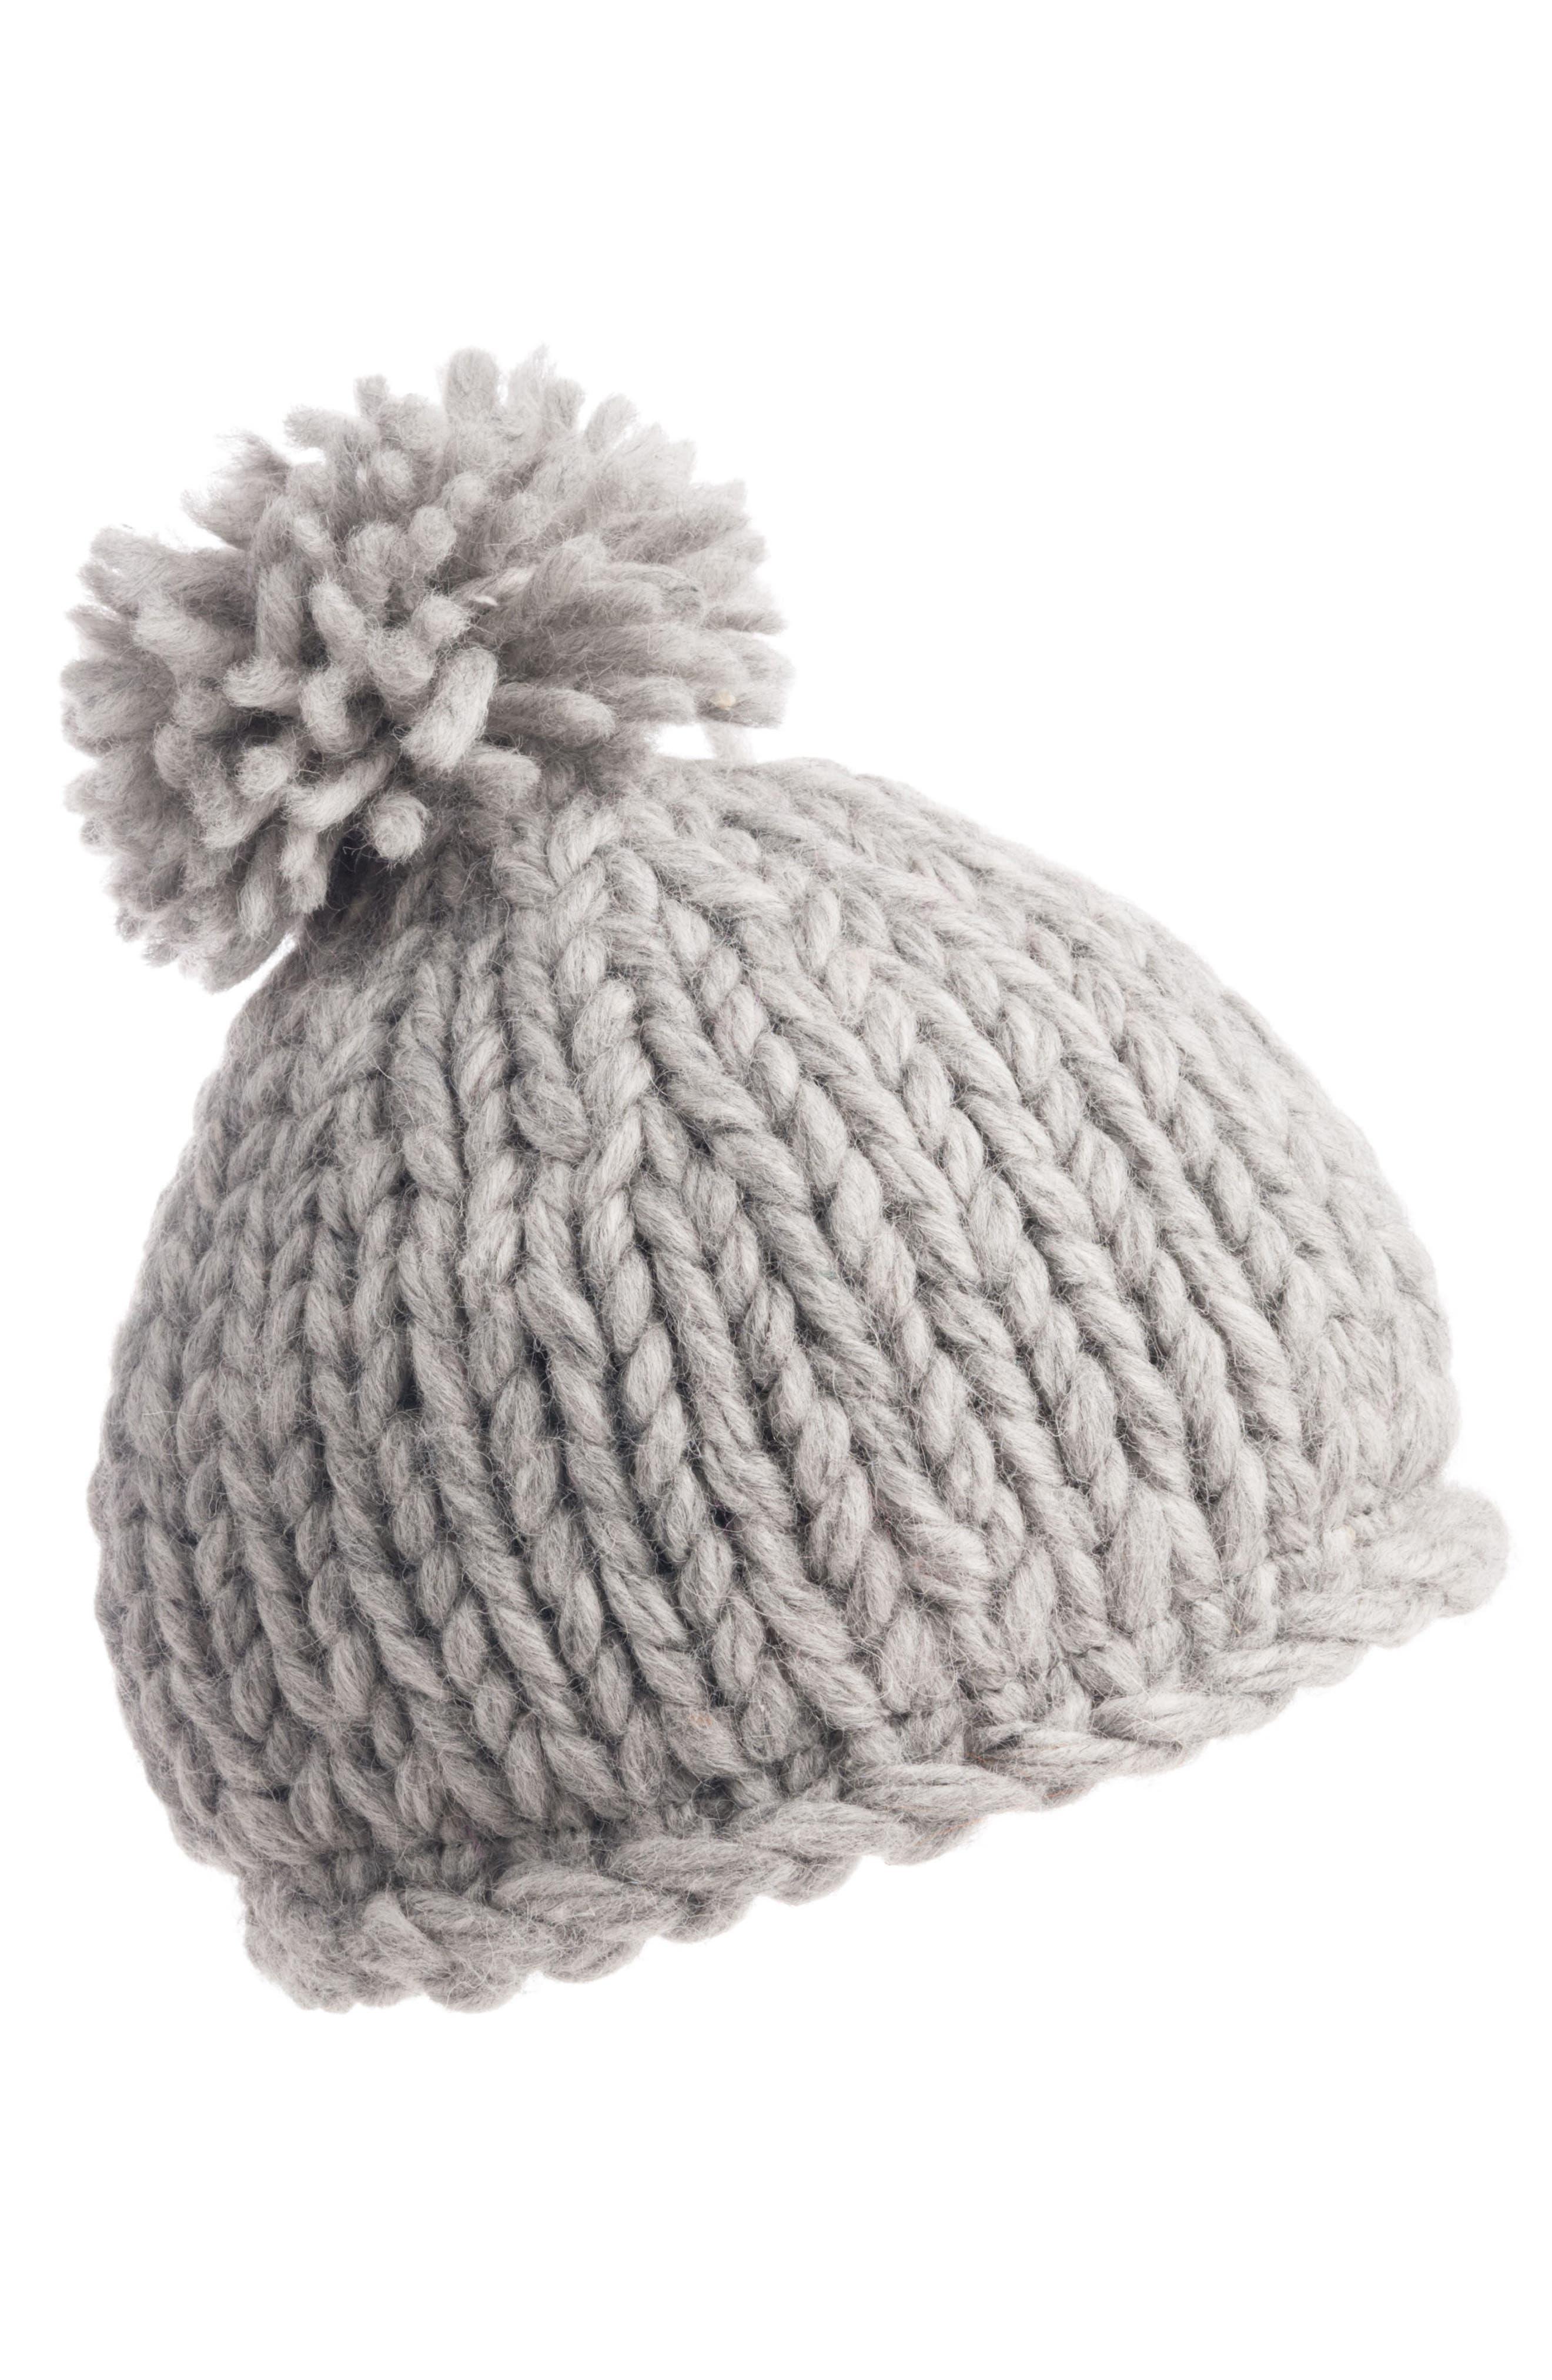 Nivanna Designs Chunky Knit Pompom Beanie